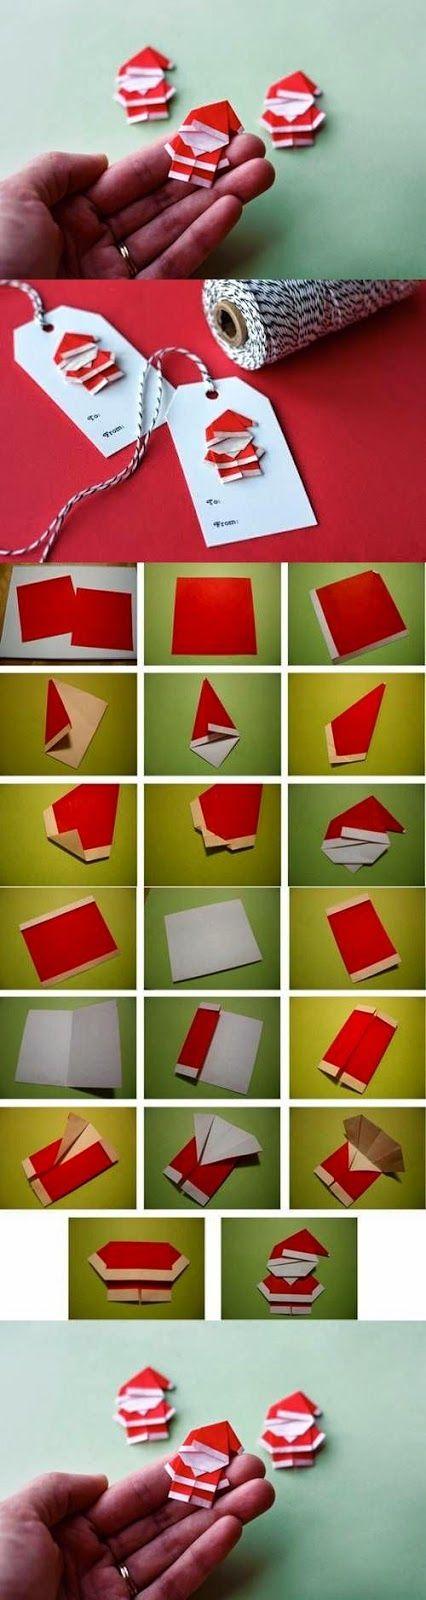 mikula vyroba z papiru